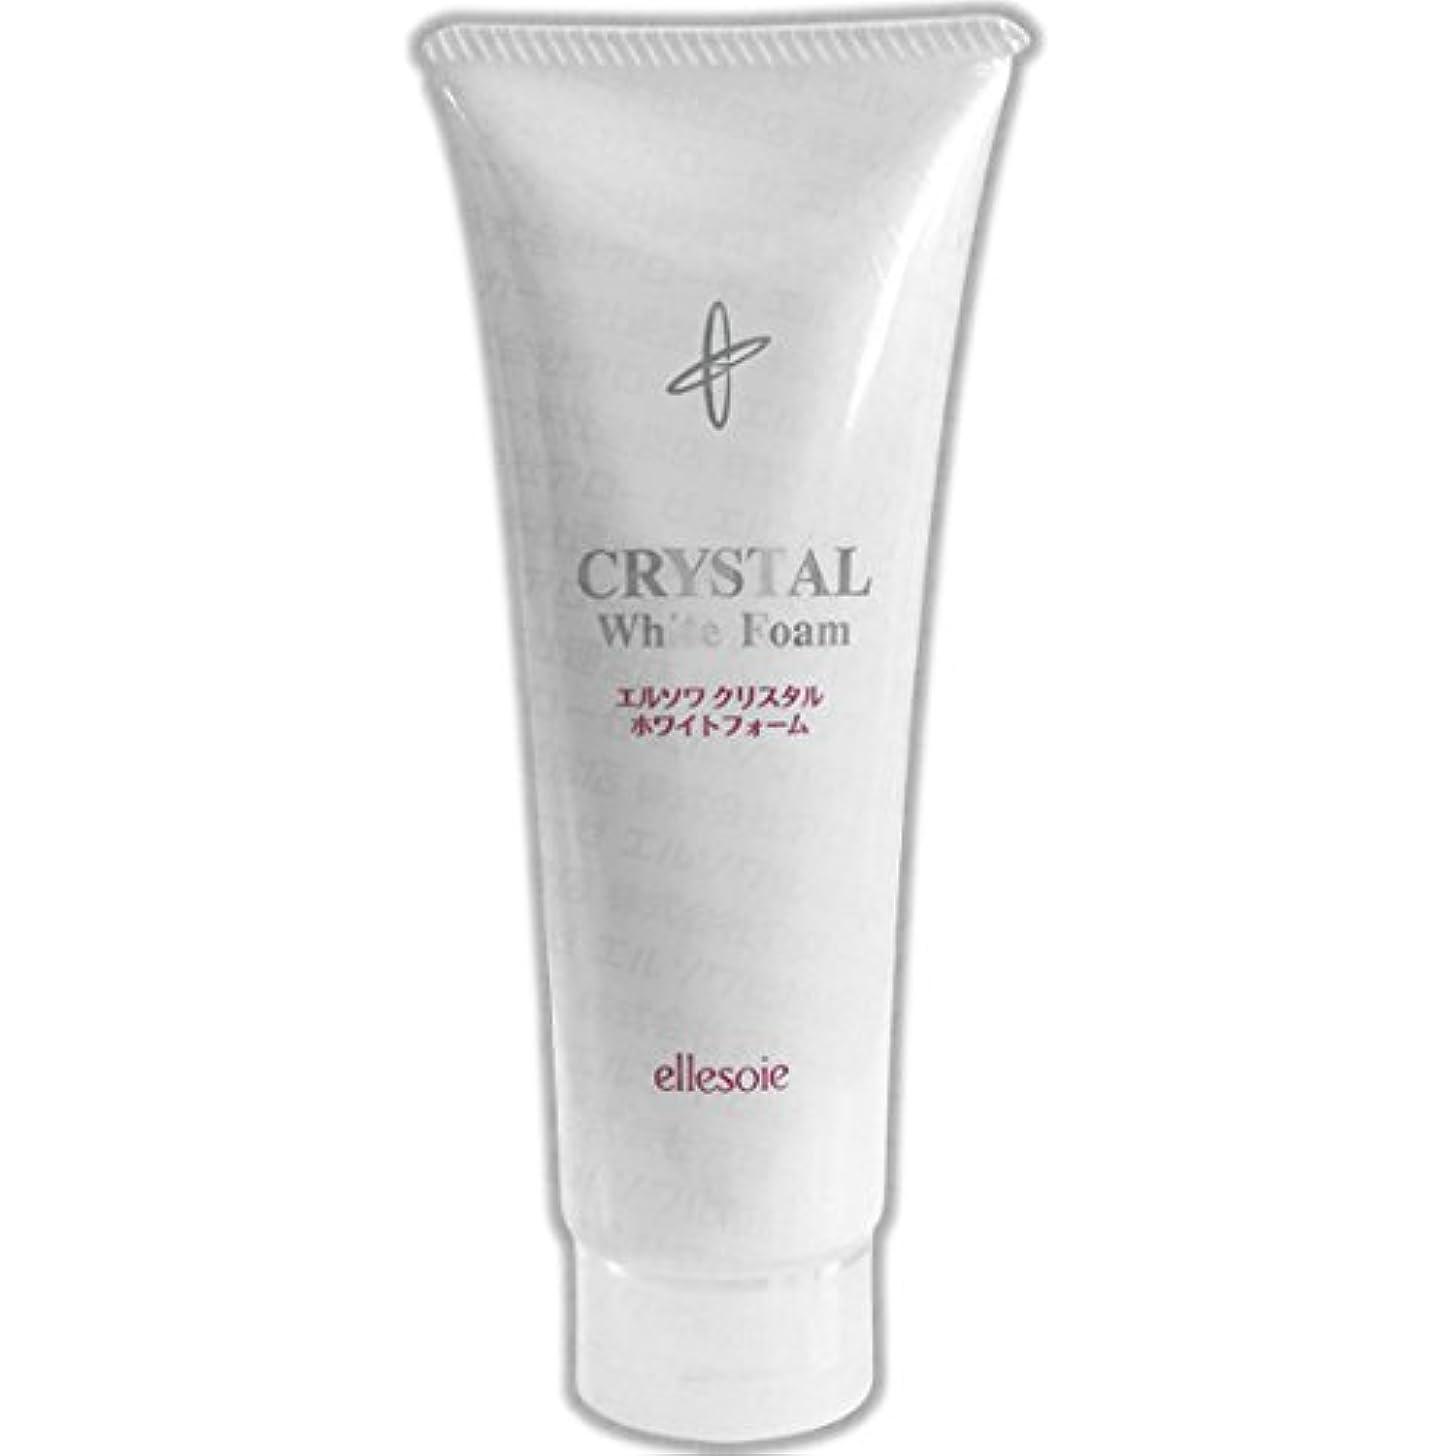 ヘルシー一時的家主エルソワ化粧品(ellesoie) クリスタル ホワイトフォーム 洗顔